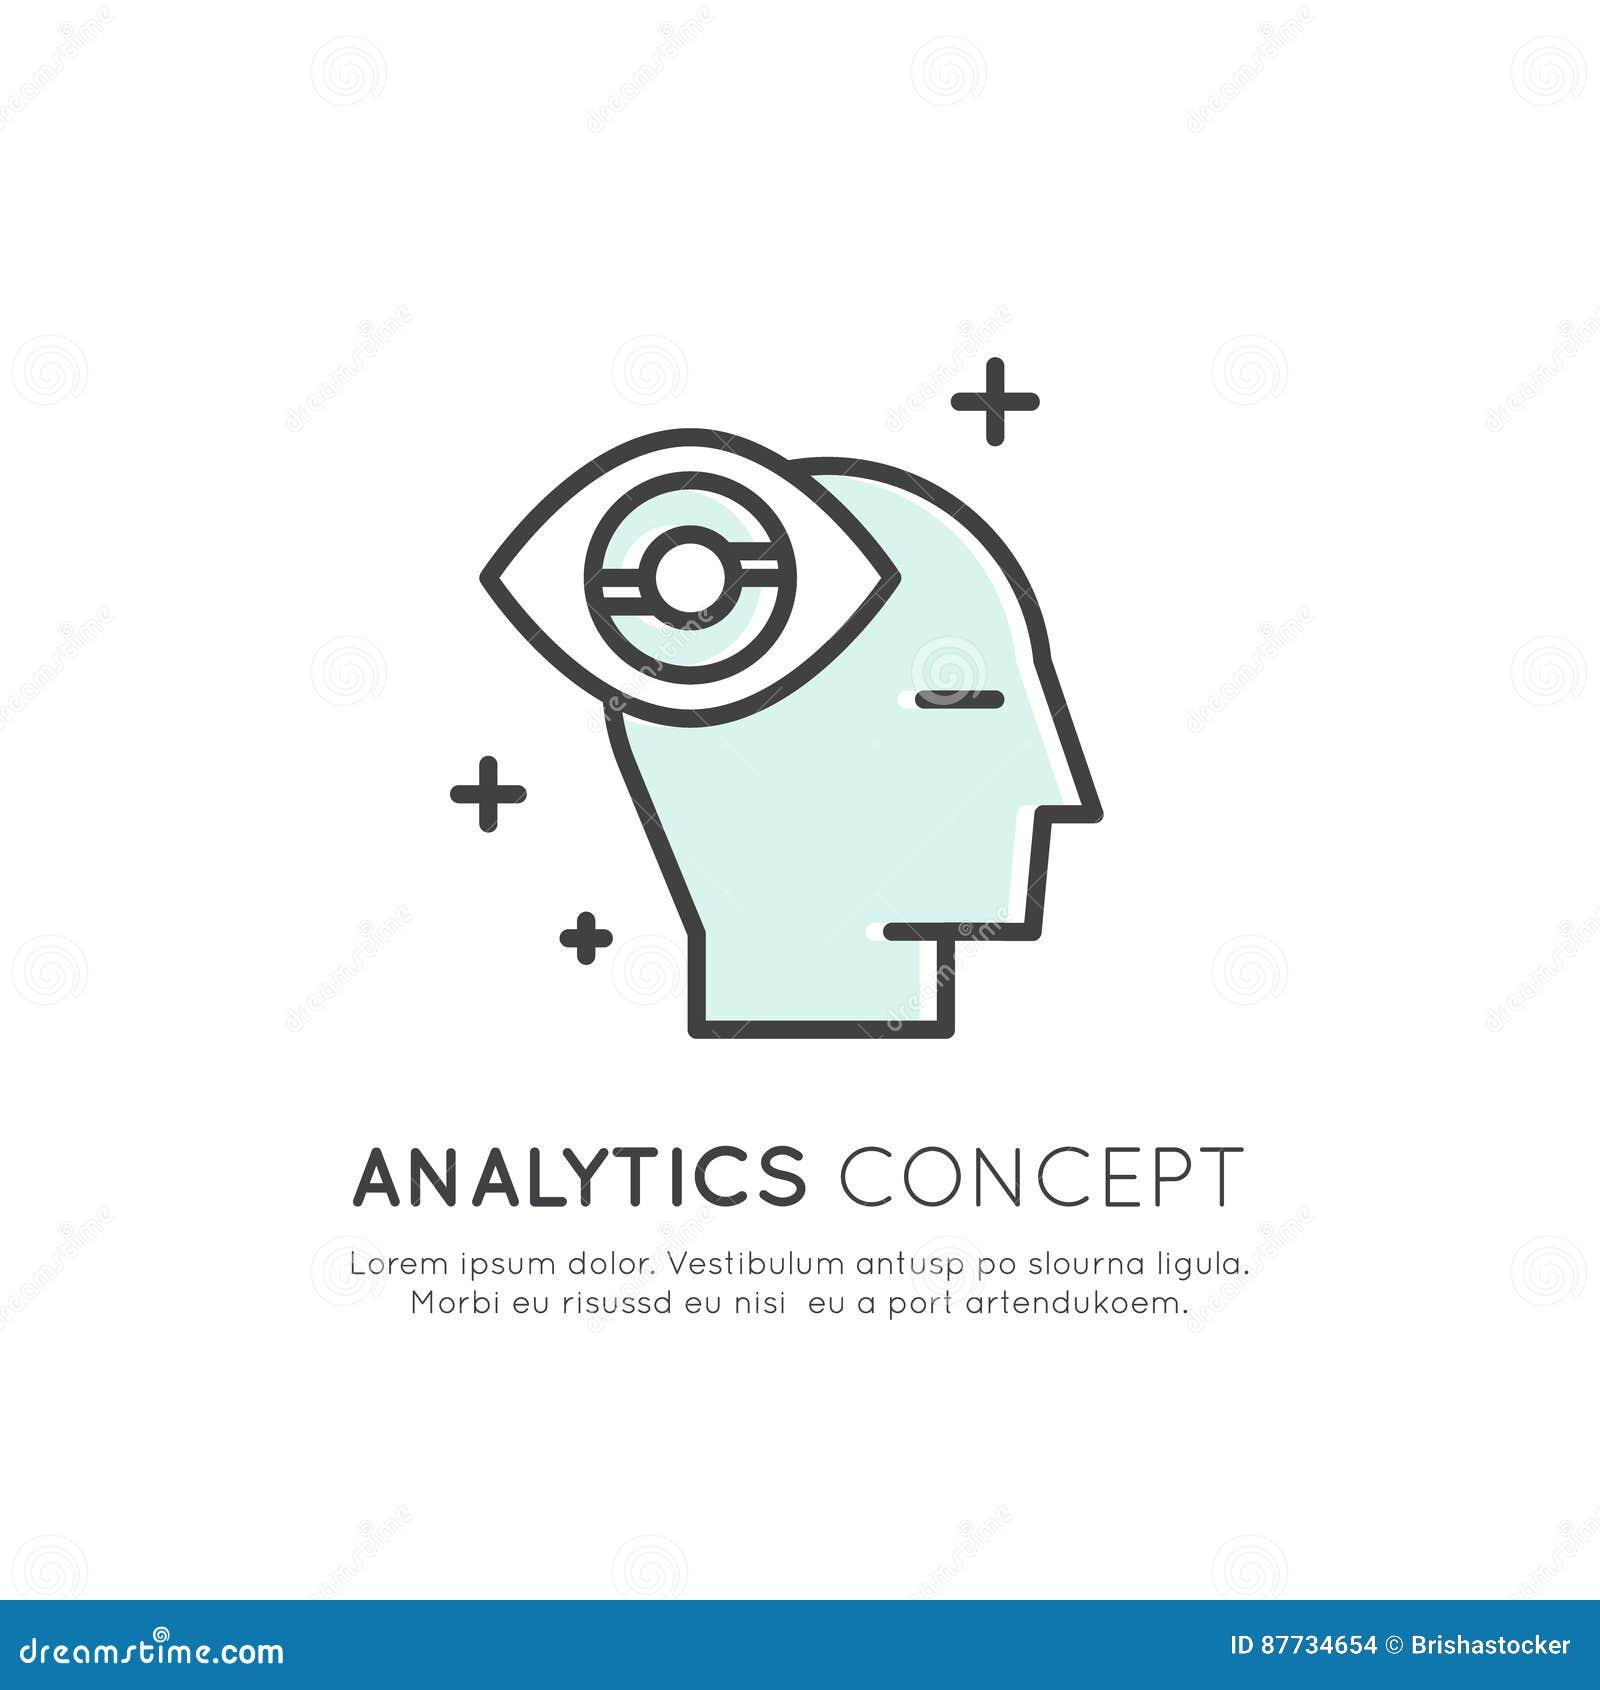 Απεικόνιση Analytics, διαχείριση, ικανότητα επιχειρησιακής σκέψης, απόφαση - παραγωγή, χρονική διαχείριση, μνήμη, Sitemap,  brain